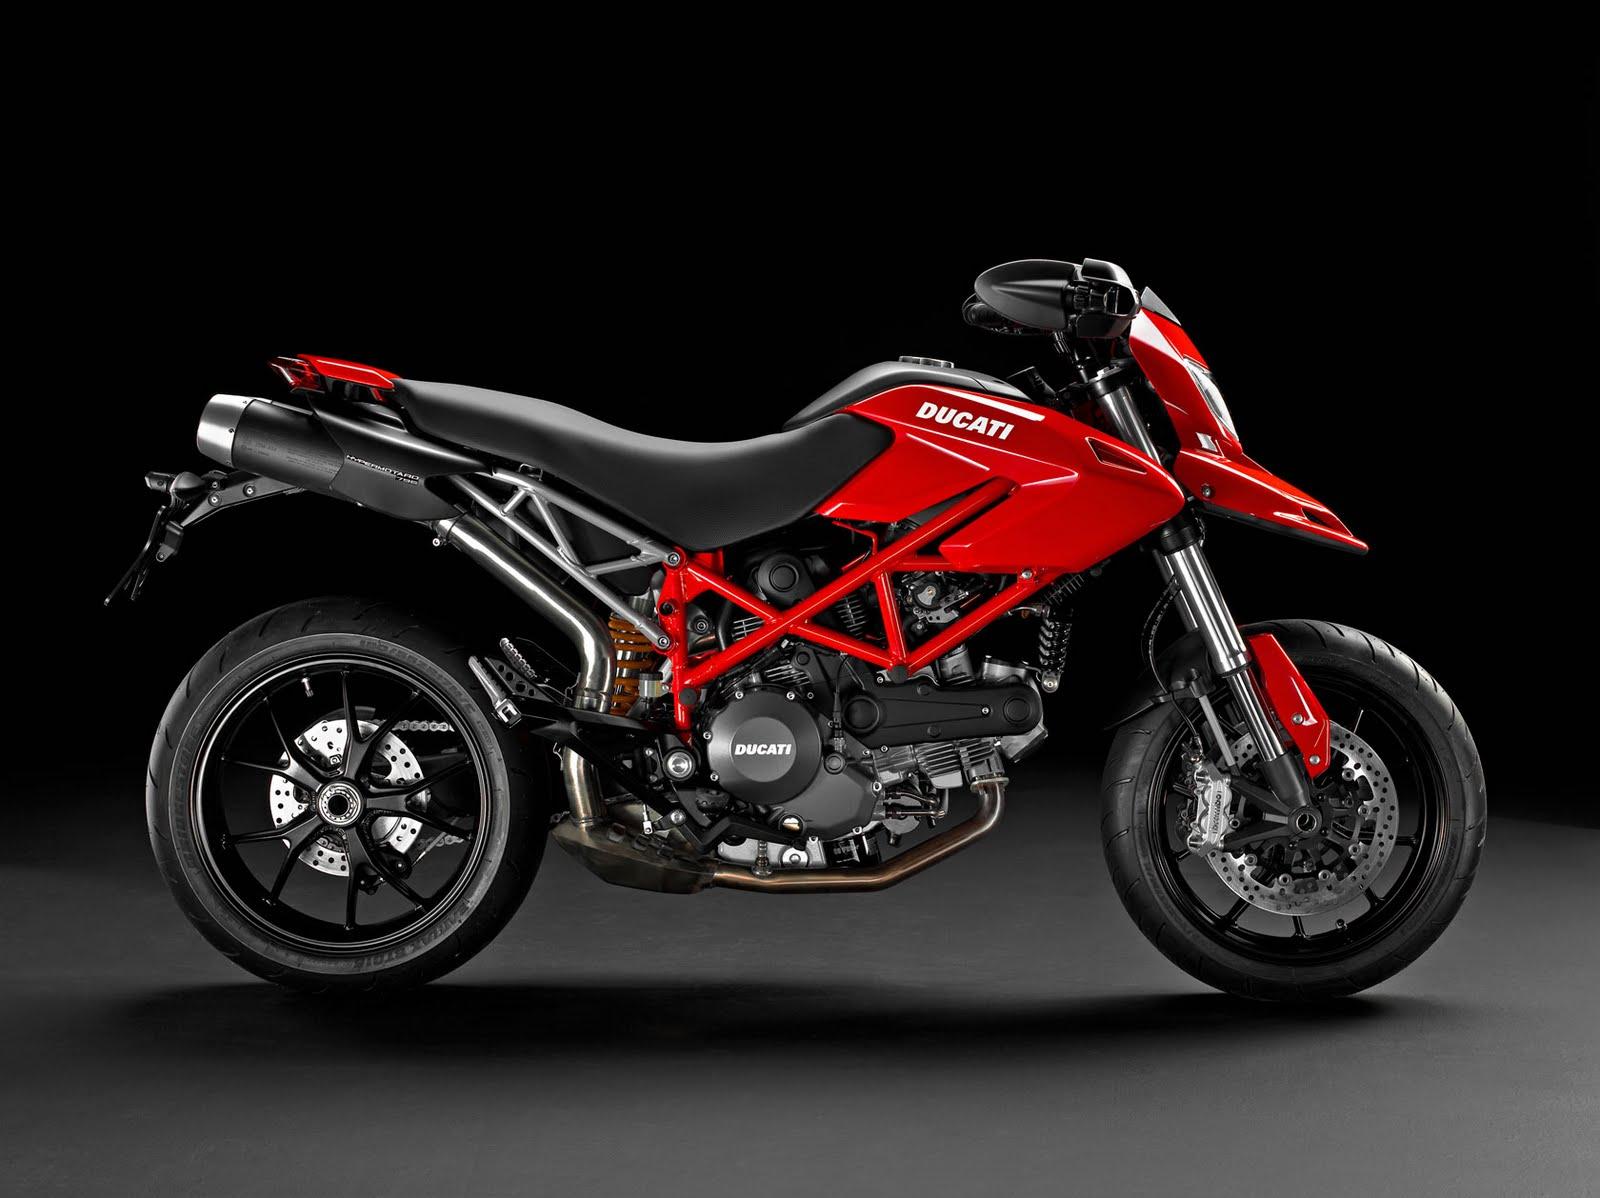 auto trader: 2011 Ducati Hypermotard 796 Official Photos